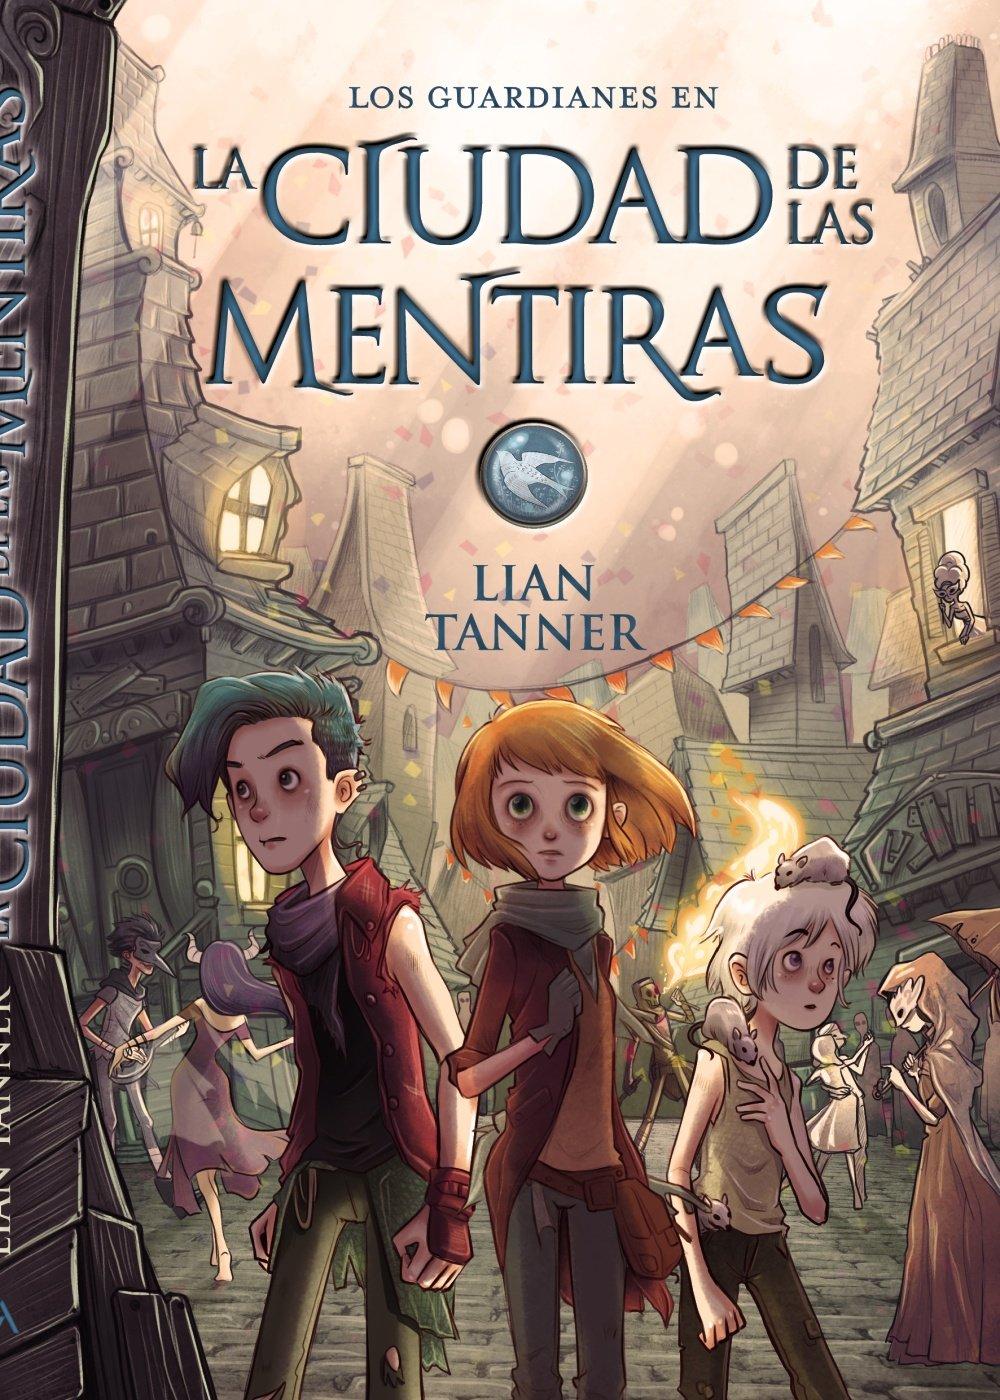 La ciudad de las mentiras: Los guardianes, libro II Literatura Juvenil A Partir De 12 Años - Narrativa Juvenil: Amazon.es: Lian Tanner, Jaime Bonet Rodes, ...